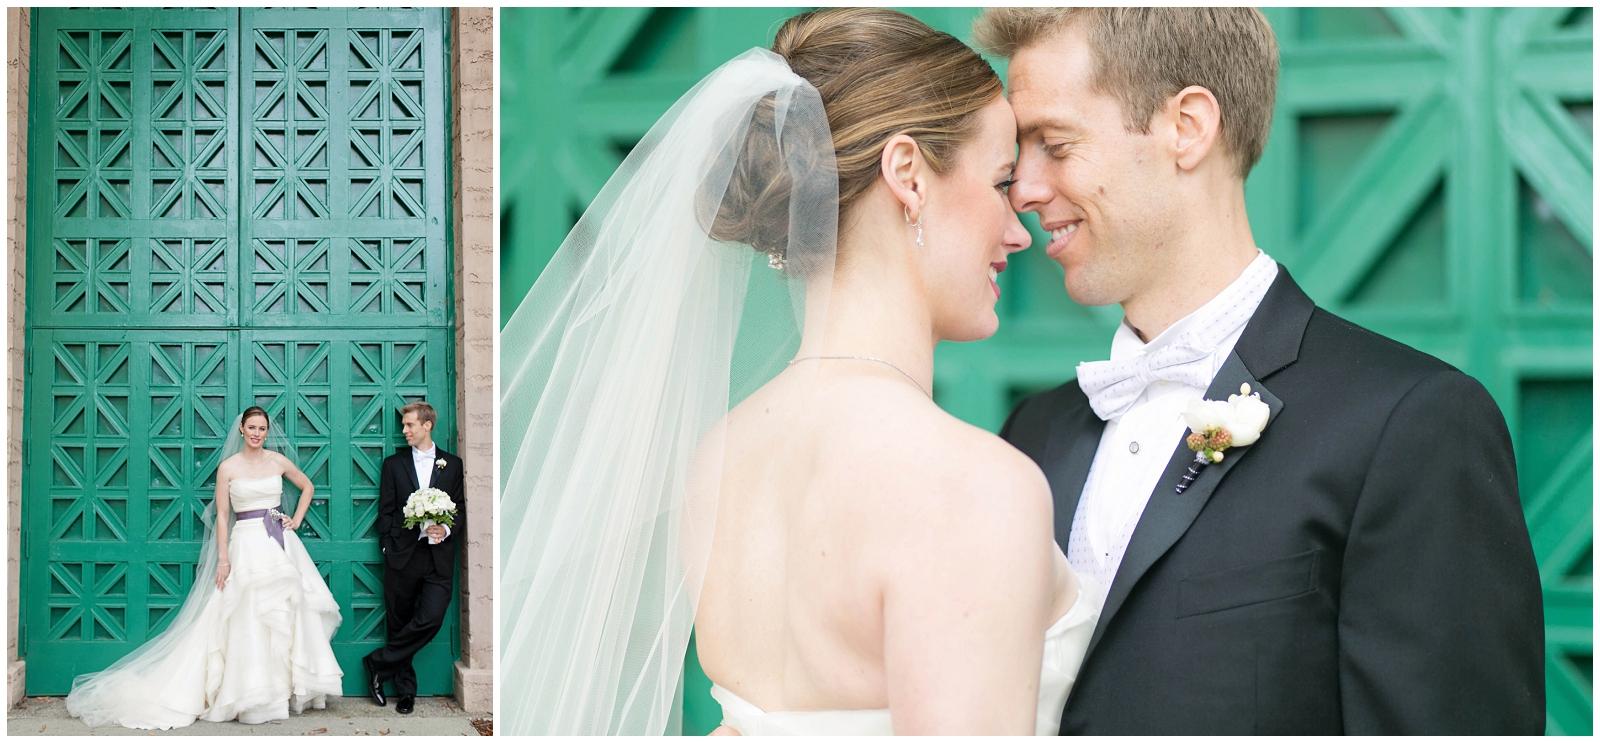 San-Francisco-Bay-Area-Wedding-Photography-Julia-Morgan-Ballroom-5.jpg